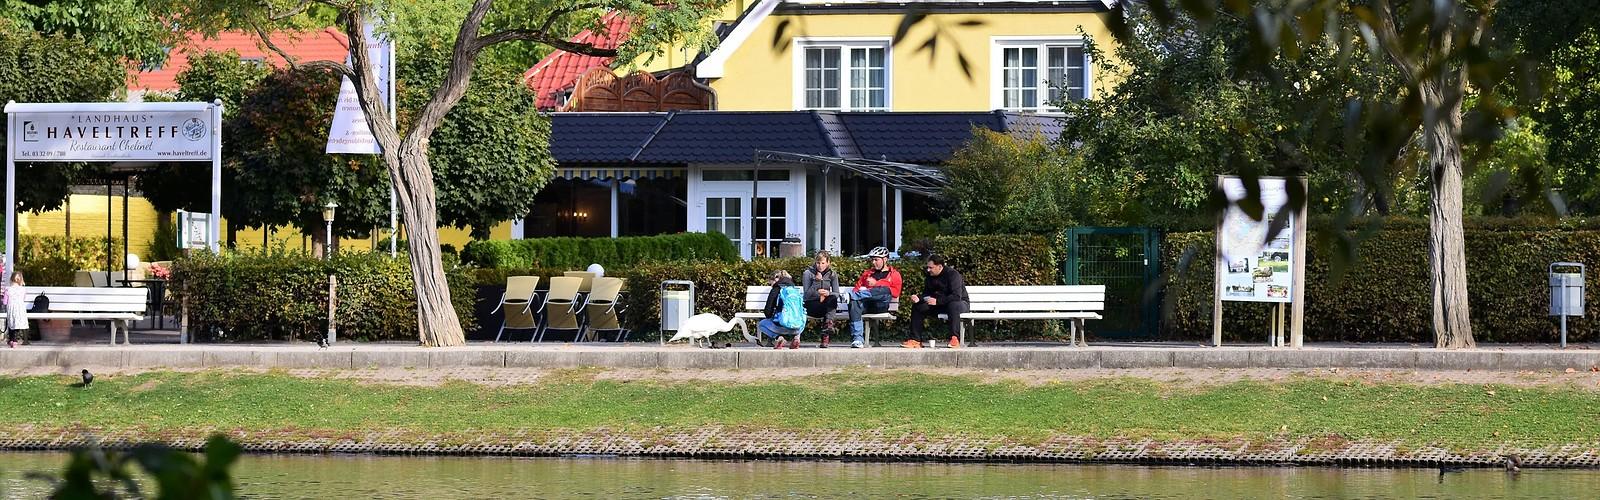 Bank promenade, Foto: Landhaus Haveltreff